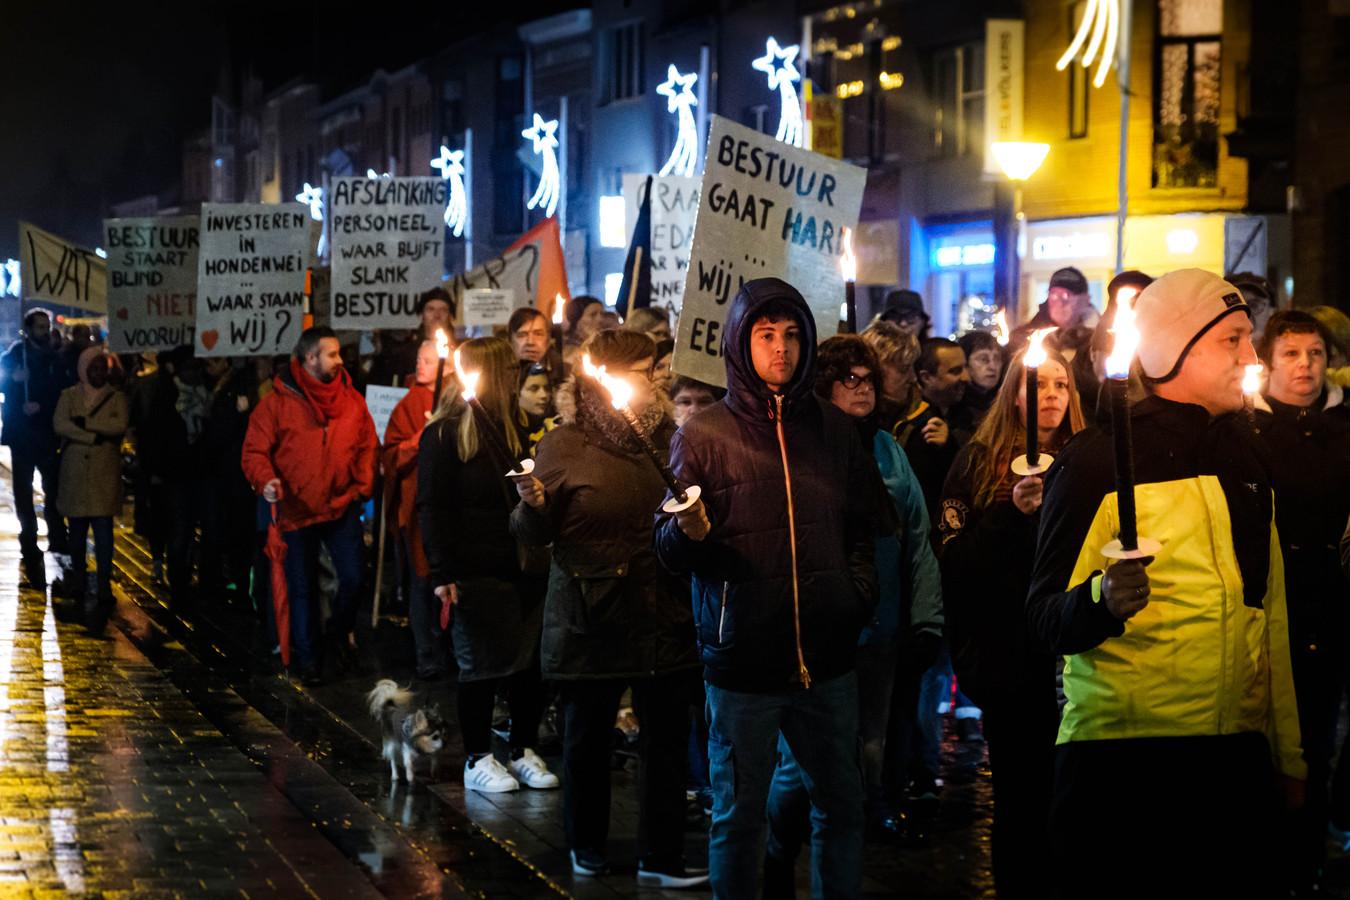 Vakbonden en gemeentepersoneel lieten hun ongenoegen maandagavond opnieuw zien op straat.